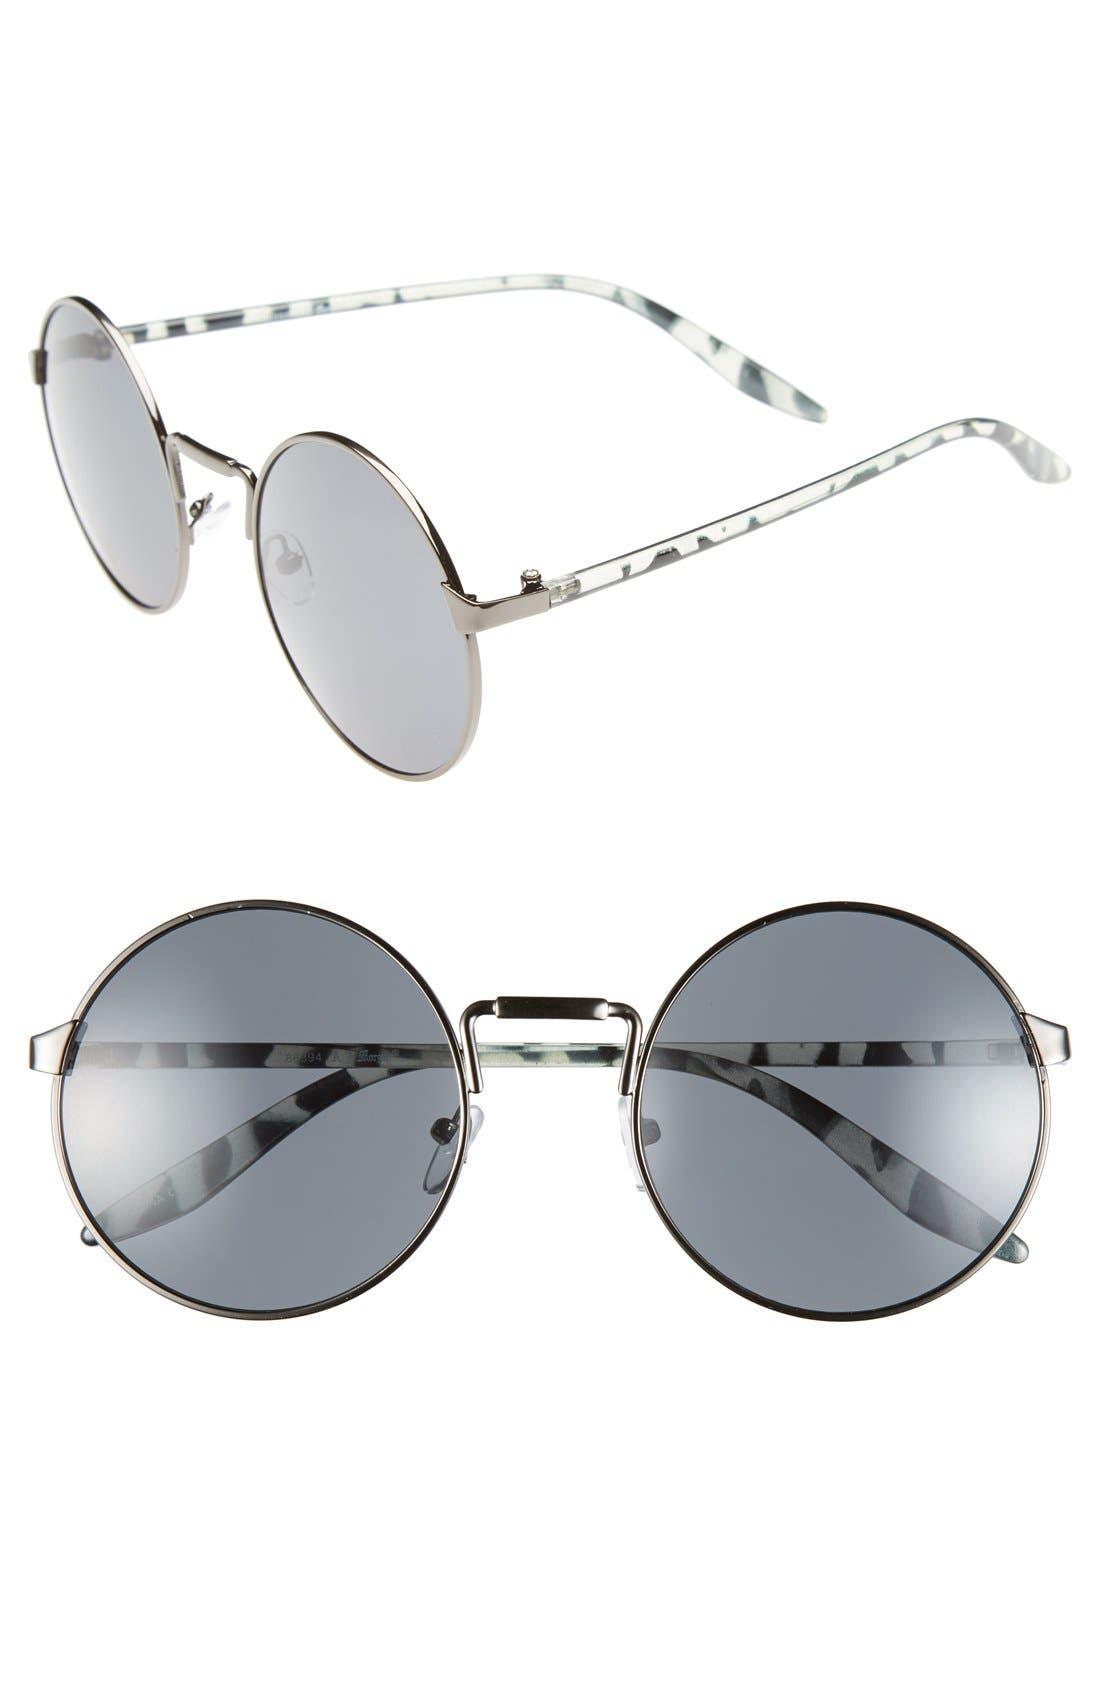 Main Image - A.J. Morgan 'Spot' 52mm Sunglasses